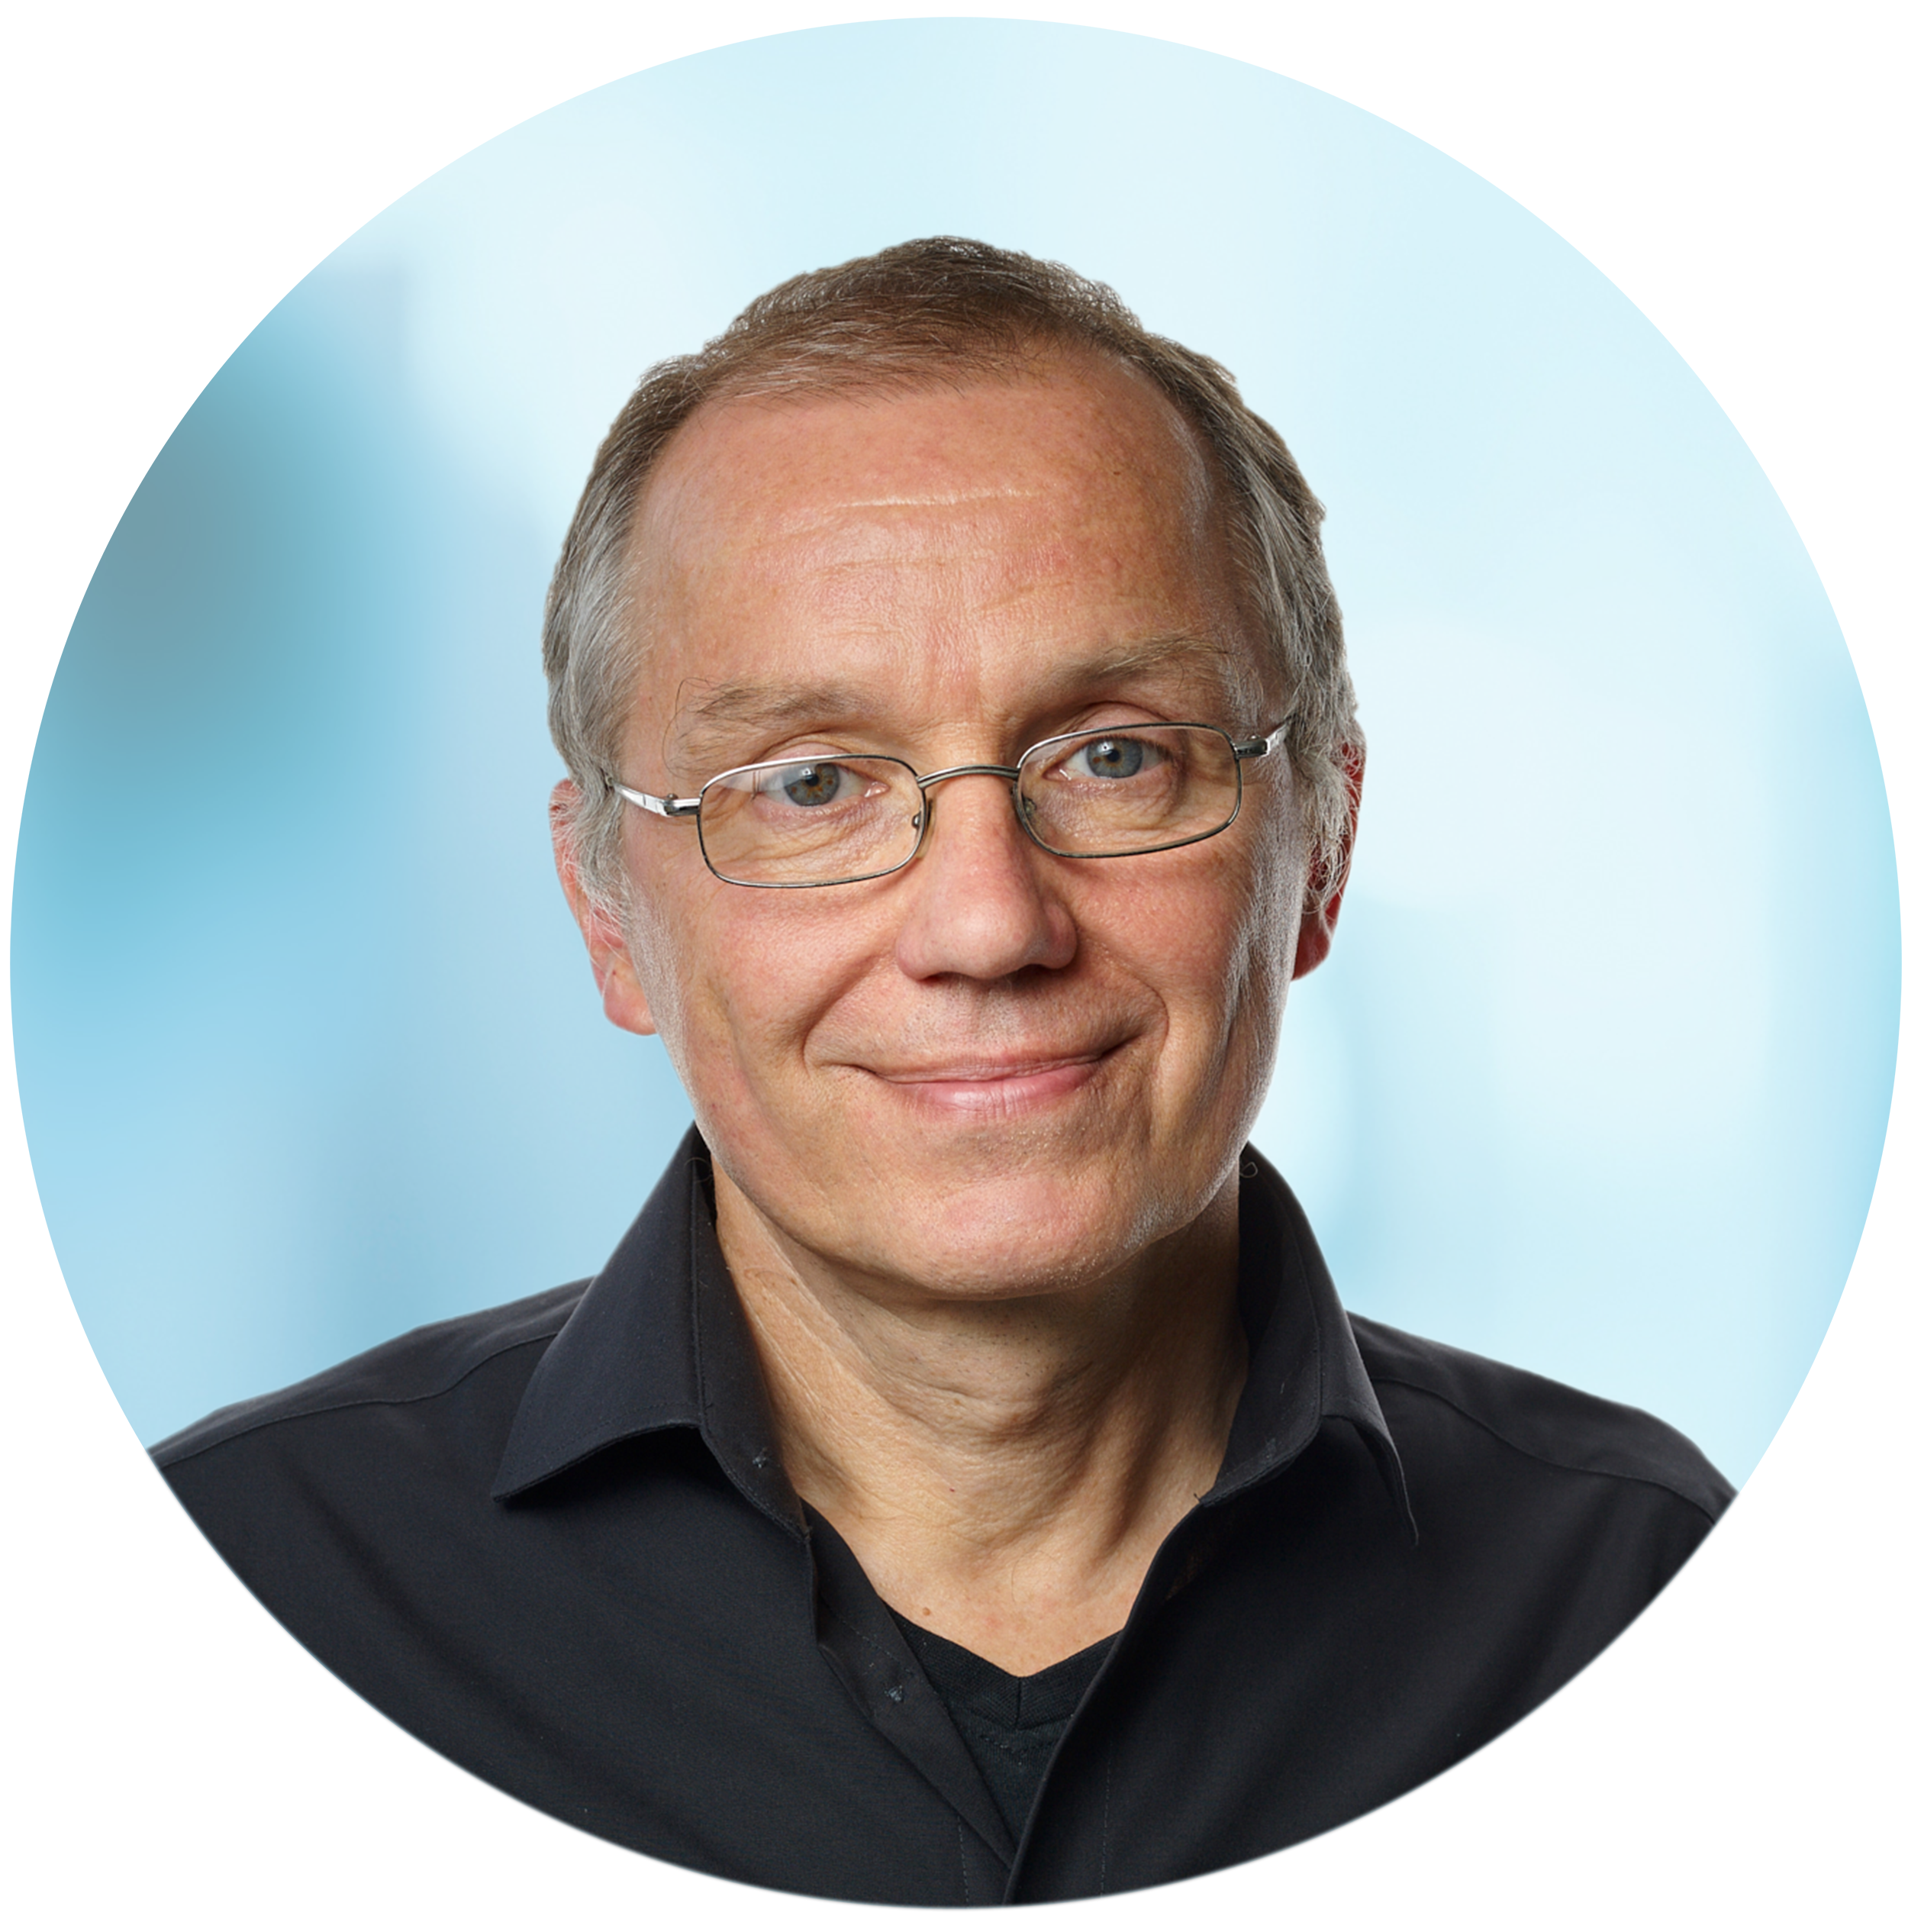 Mitarbeiter Pfleger Lipski Schmidt aus Essen